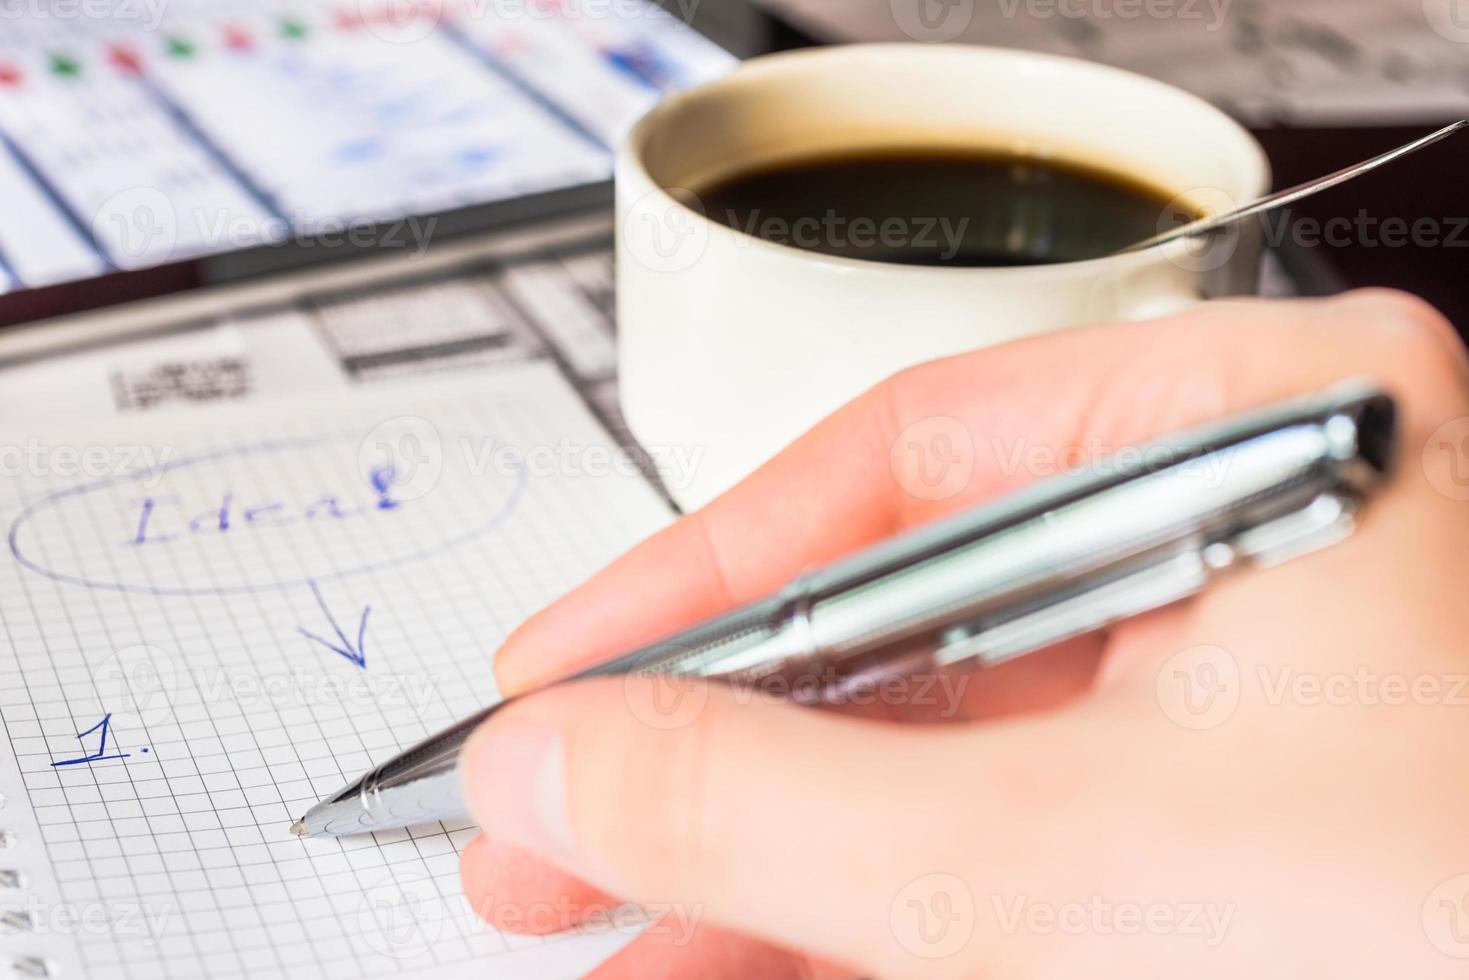 novas idéias no negócio, escrevendo todas elas foto